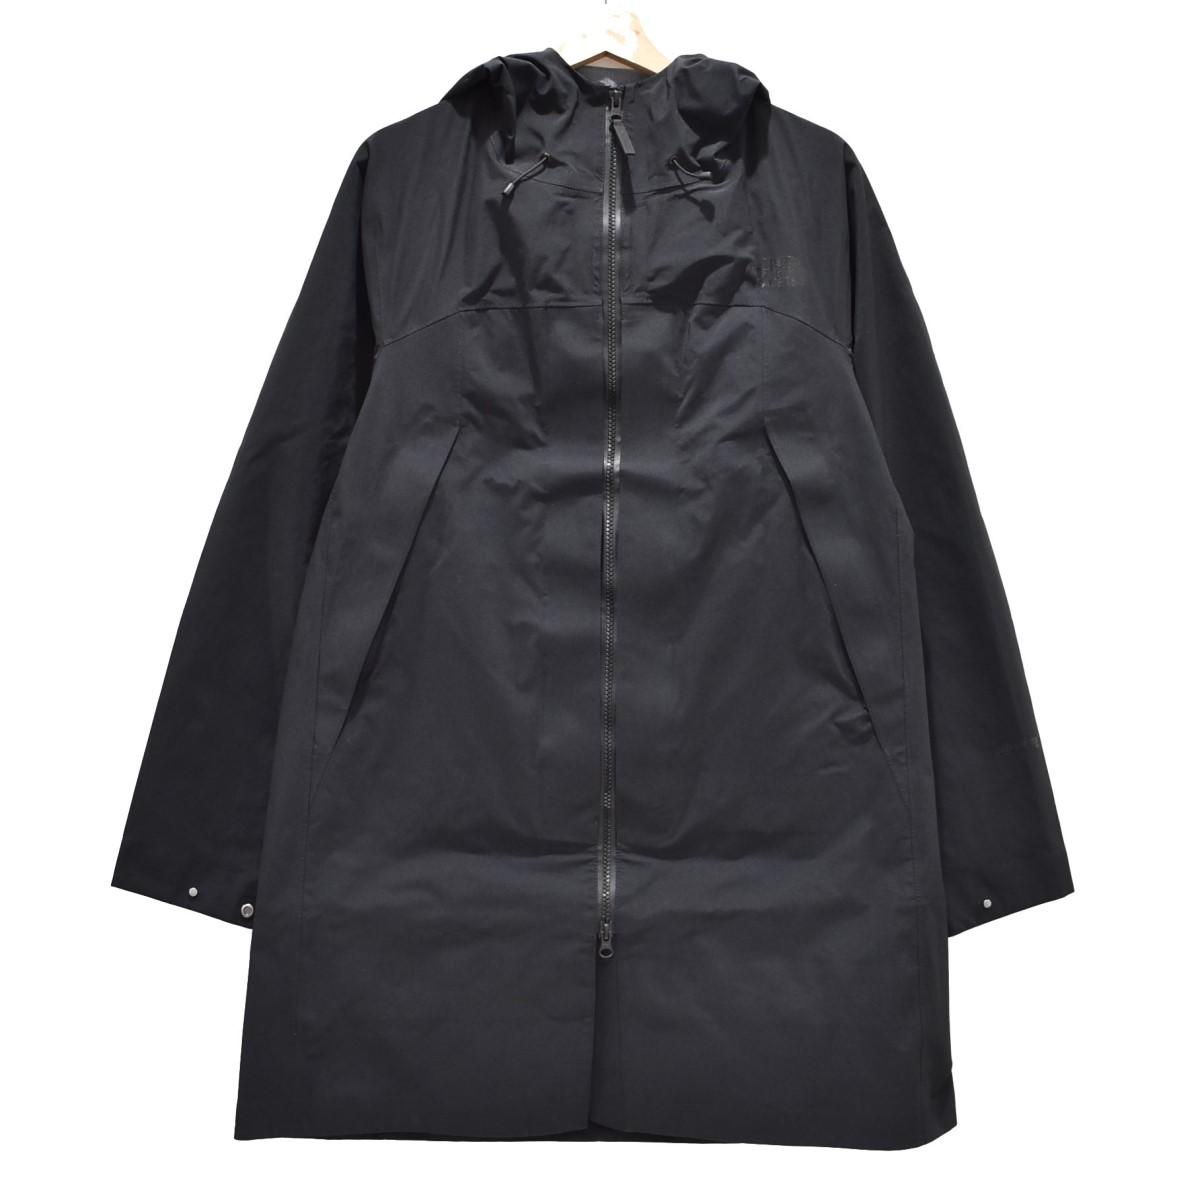 【中古】THE NORTH FACE Gadget Hanger Coat コート ブラック サイズ:M 【230620】(ザノースフェイス)